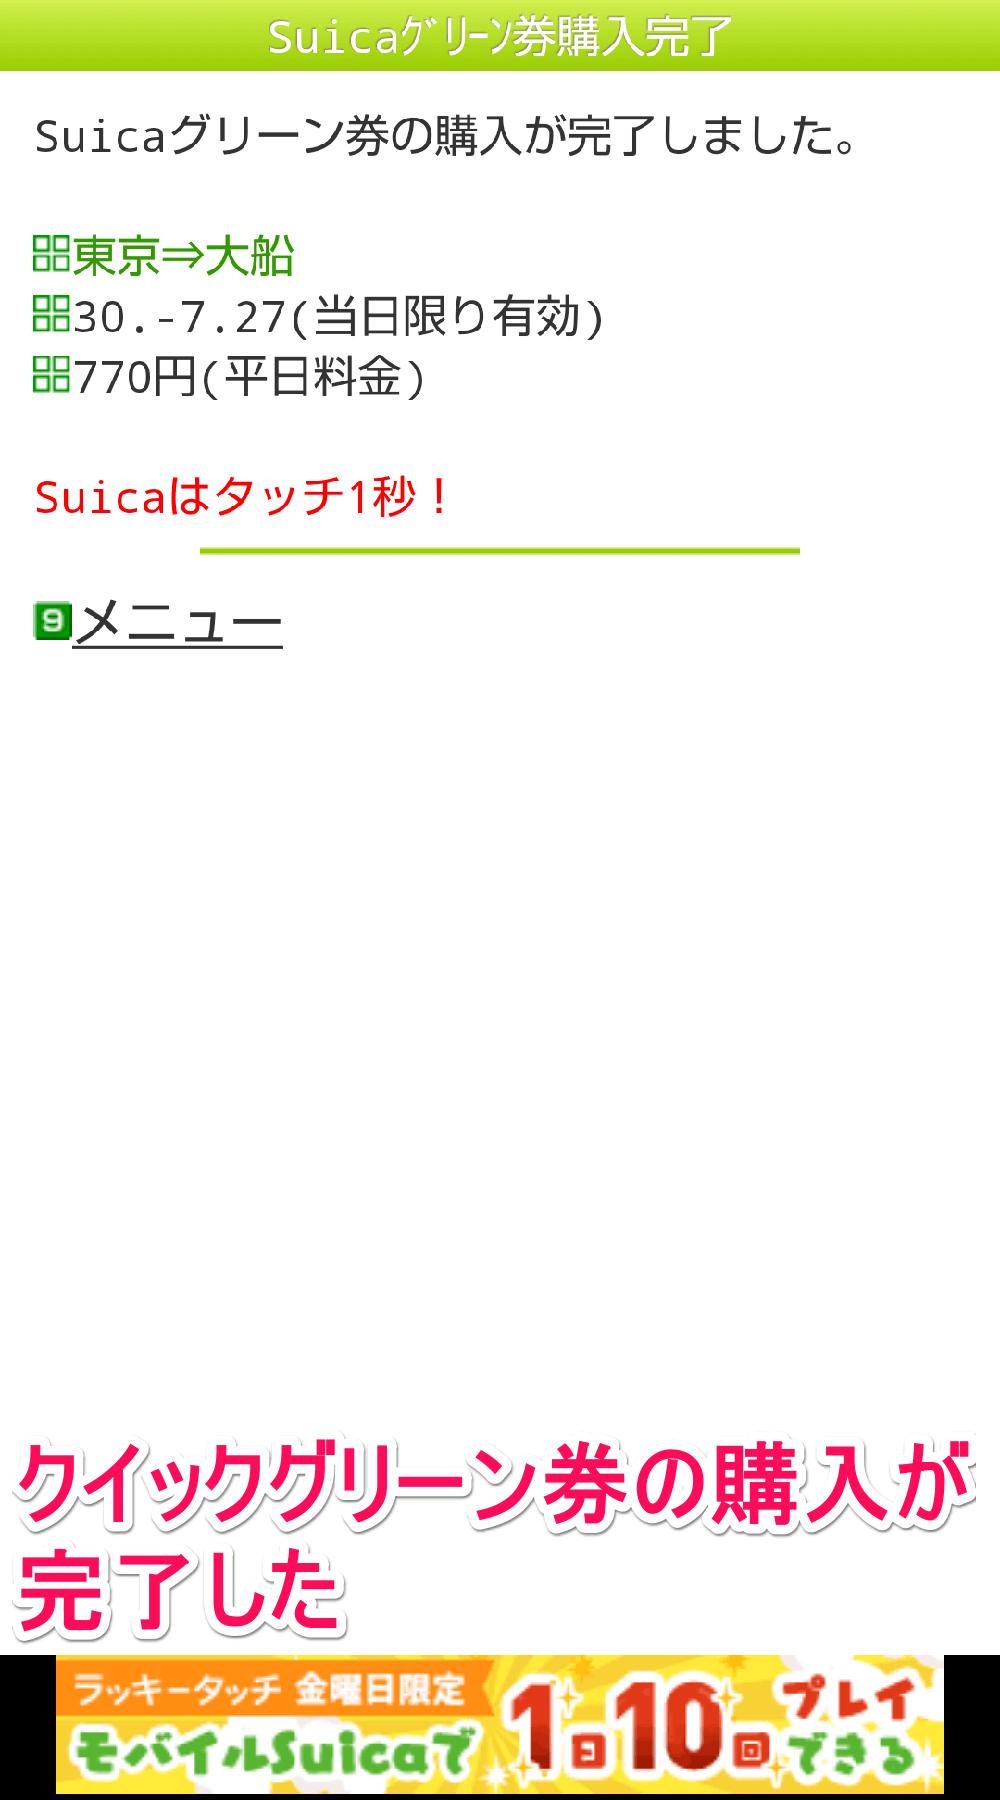 Android(アンドロイド)スマートフォン版「モバイルSuica」アプリの「Suicaグリーン券購入完了」画面